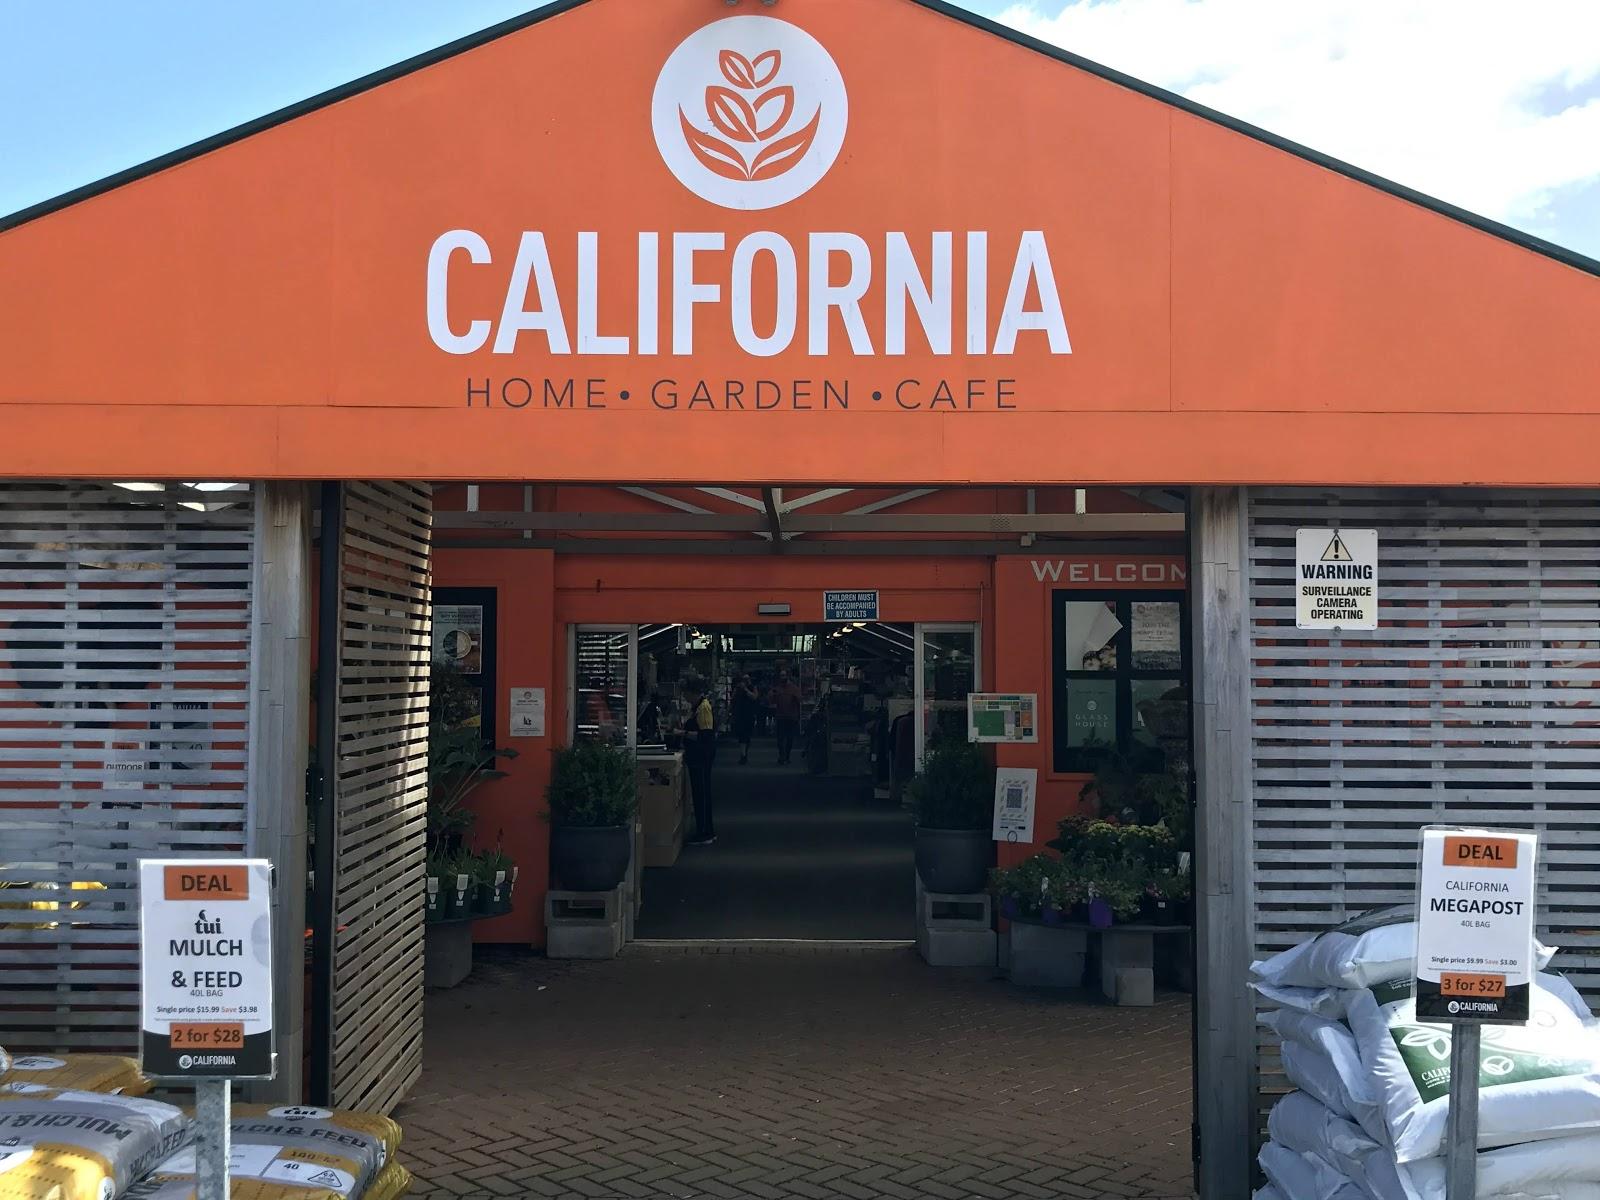 Store entrance at California Home & Garden